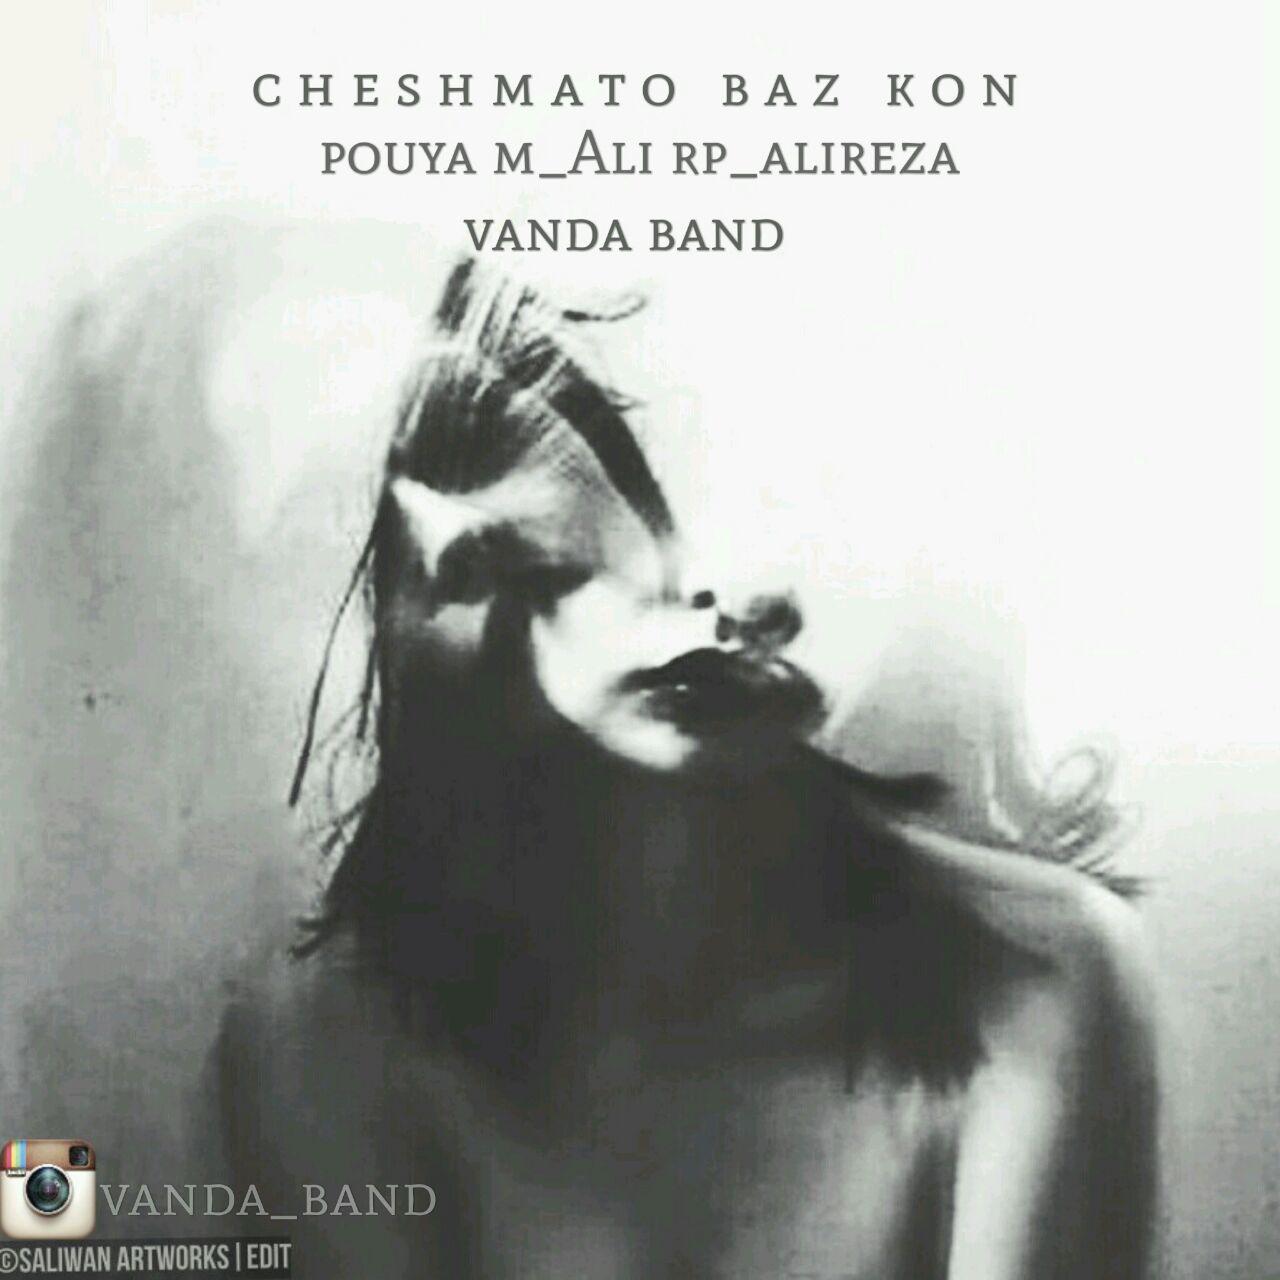 دانلود آهنگ جدید Vanda Band به نام چشاتو باز کن